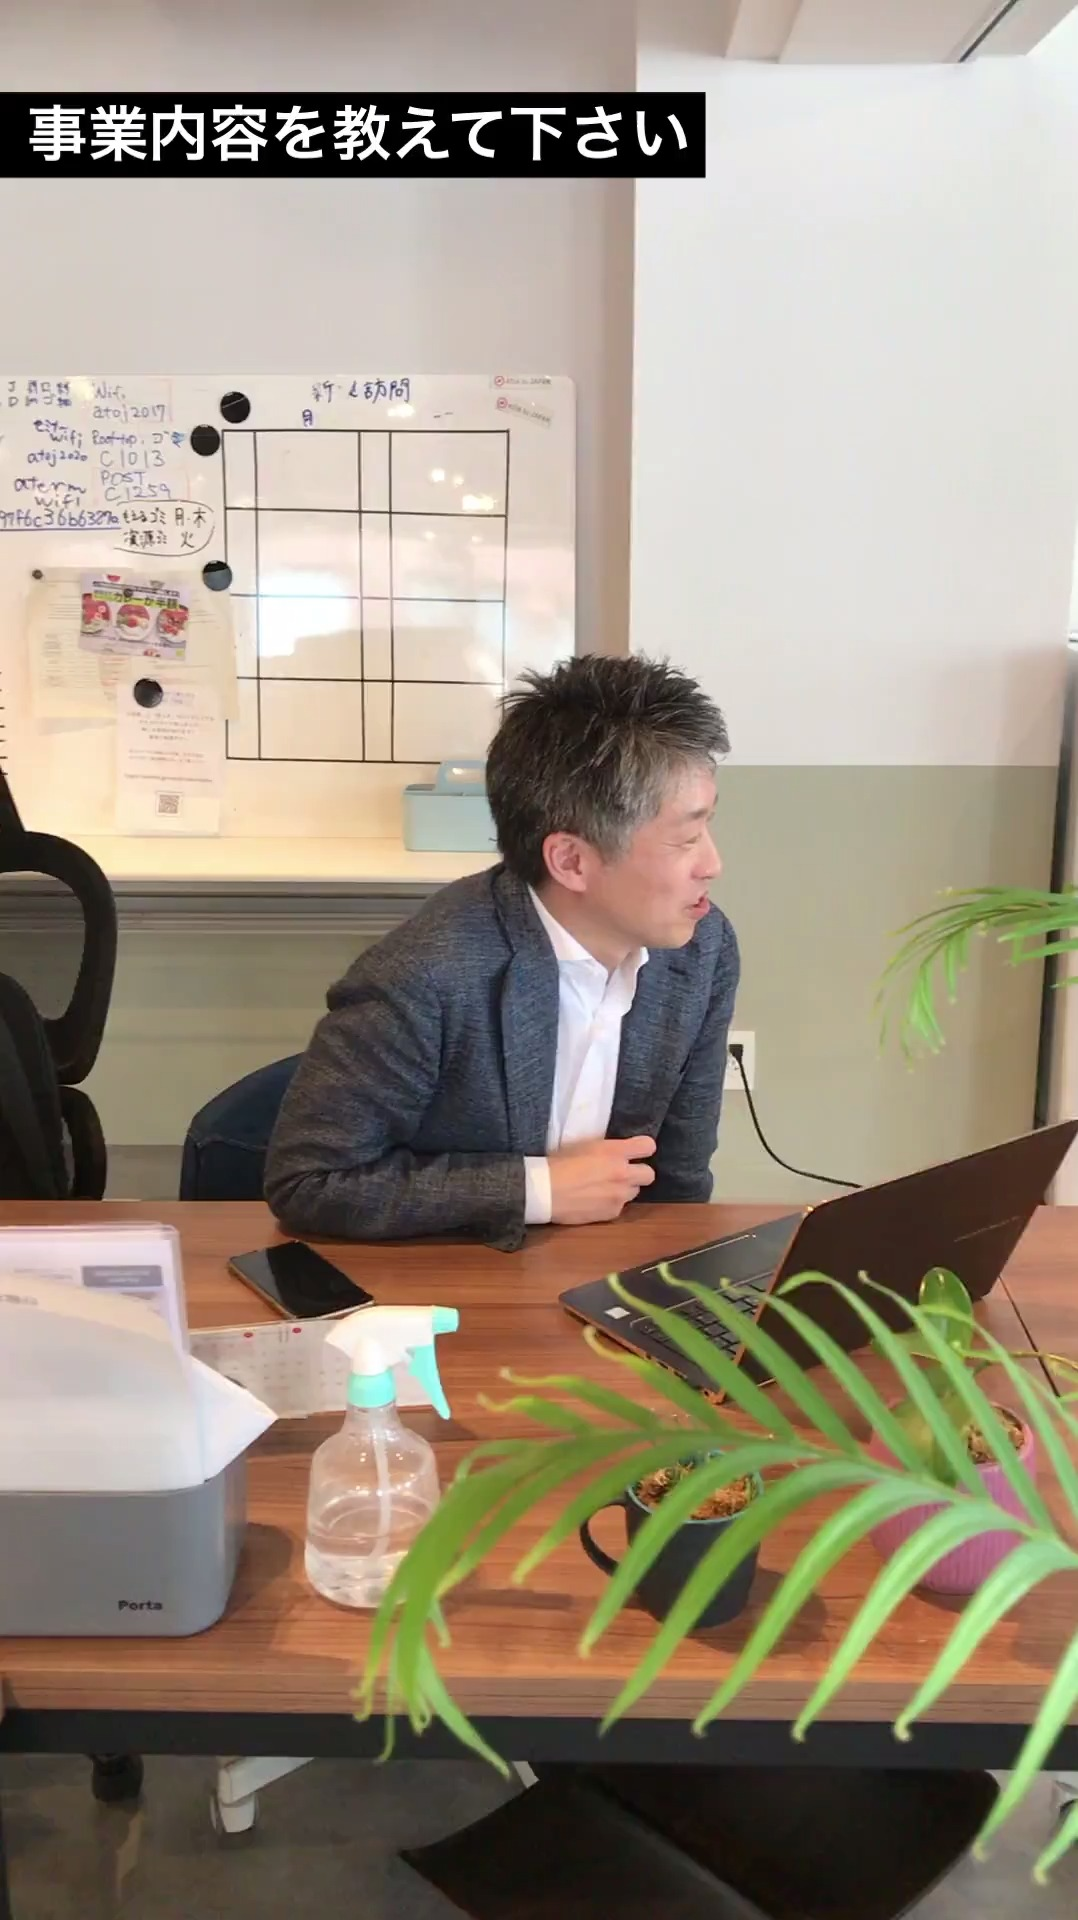 人材紹介業界の経験者を募集!海外トップクラスの学生と日本企業を結びつけています